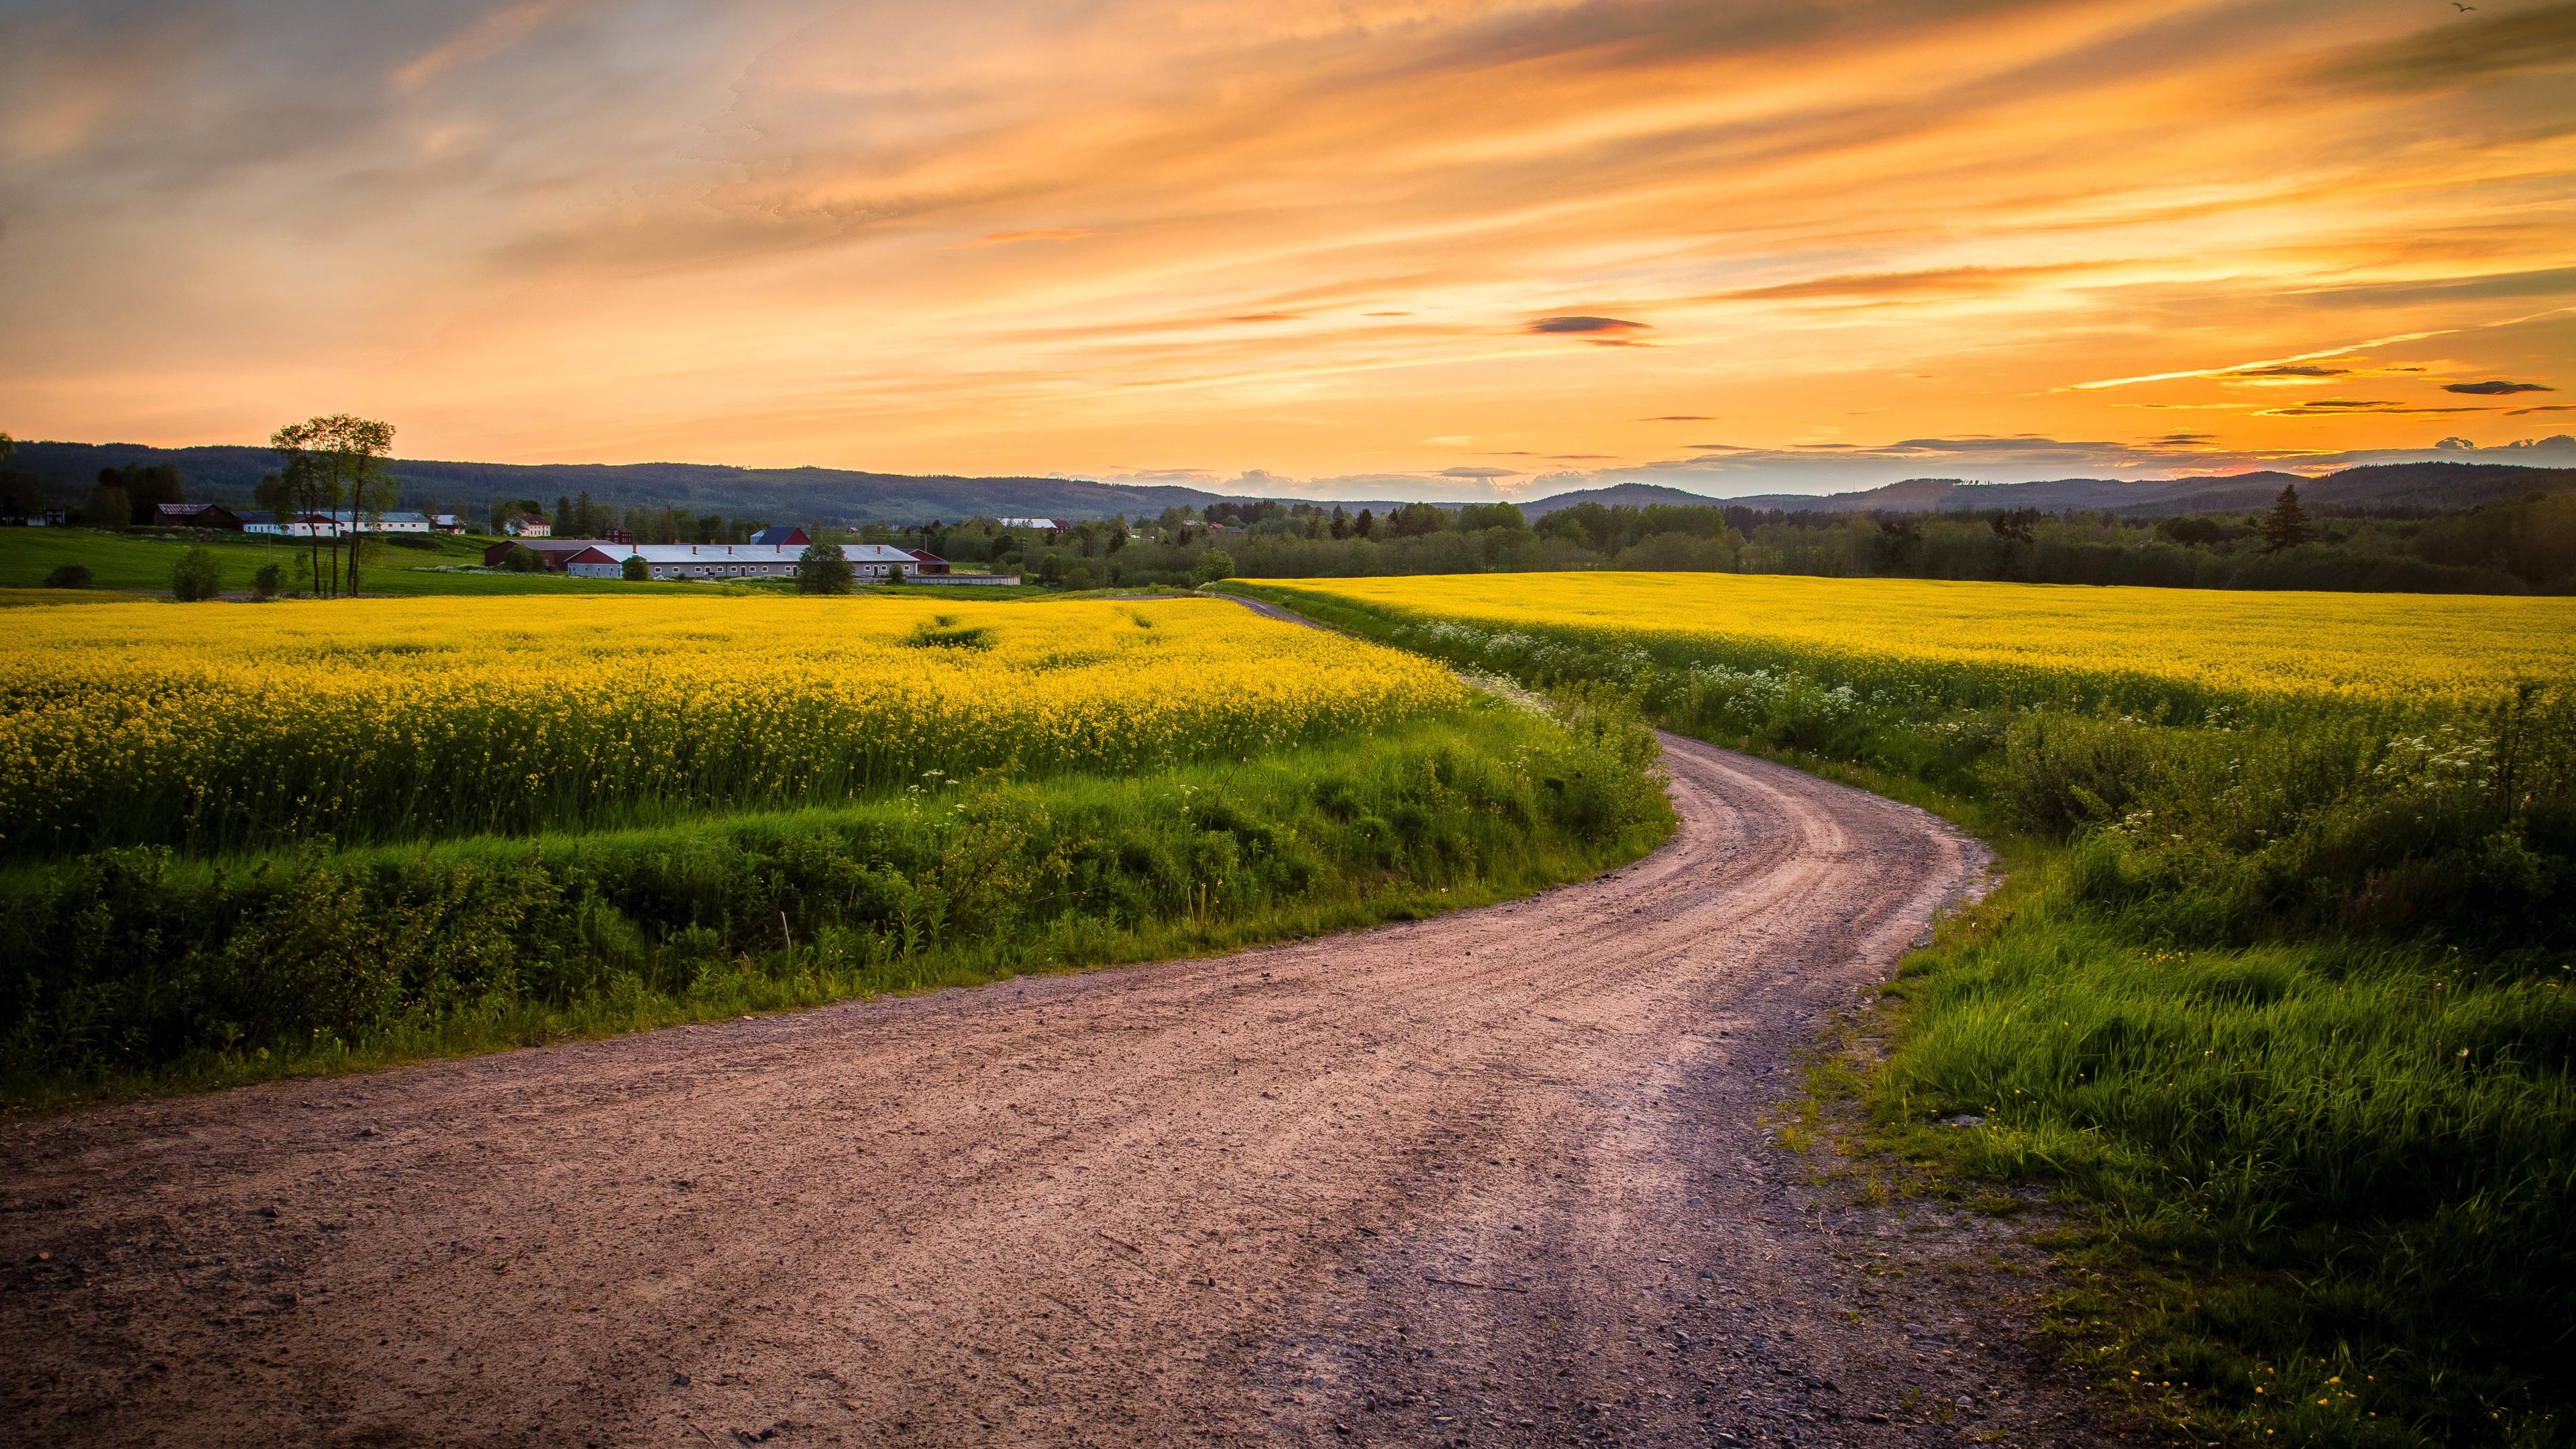 картинки с пейзажами дороги